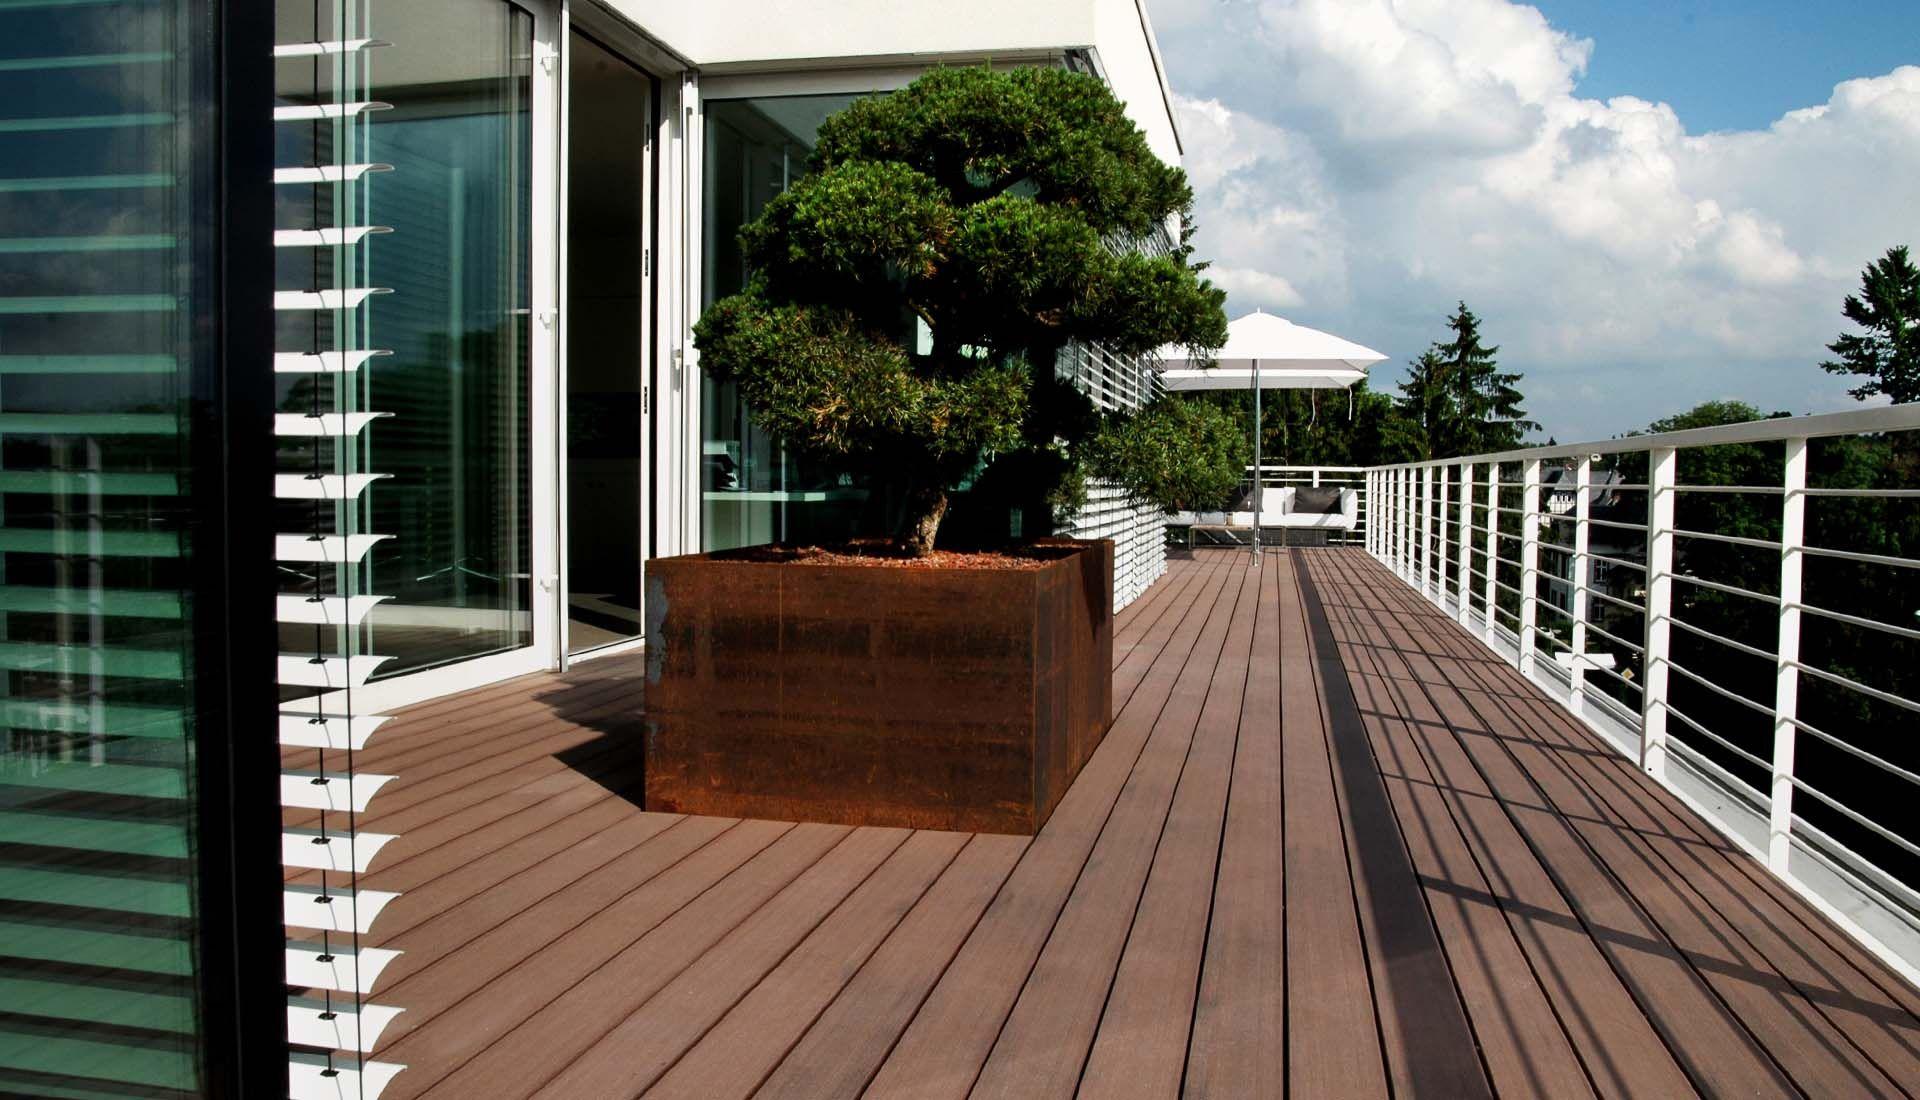 wpc terrassendielen in dunklem braun auf der modernen. Black Bedroom Furniture Sets. Home Design Ideas